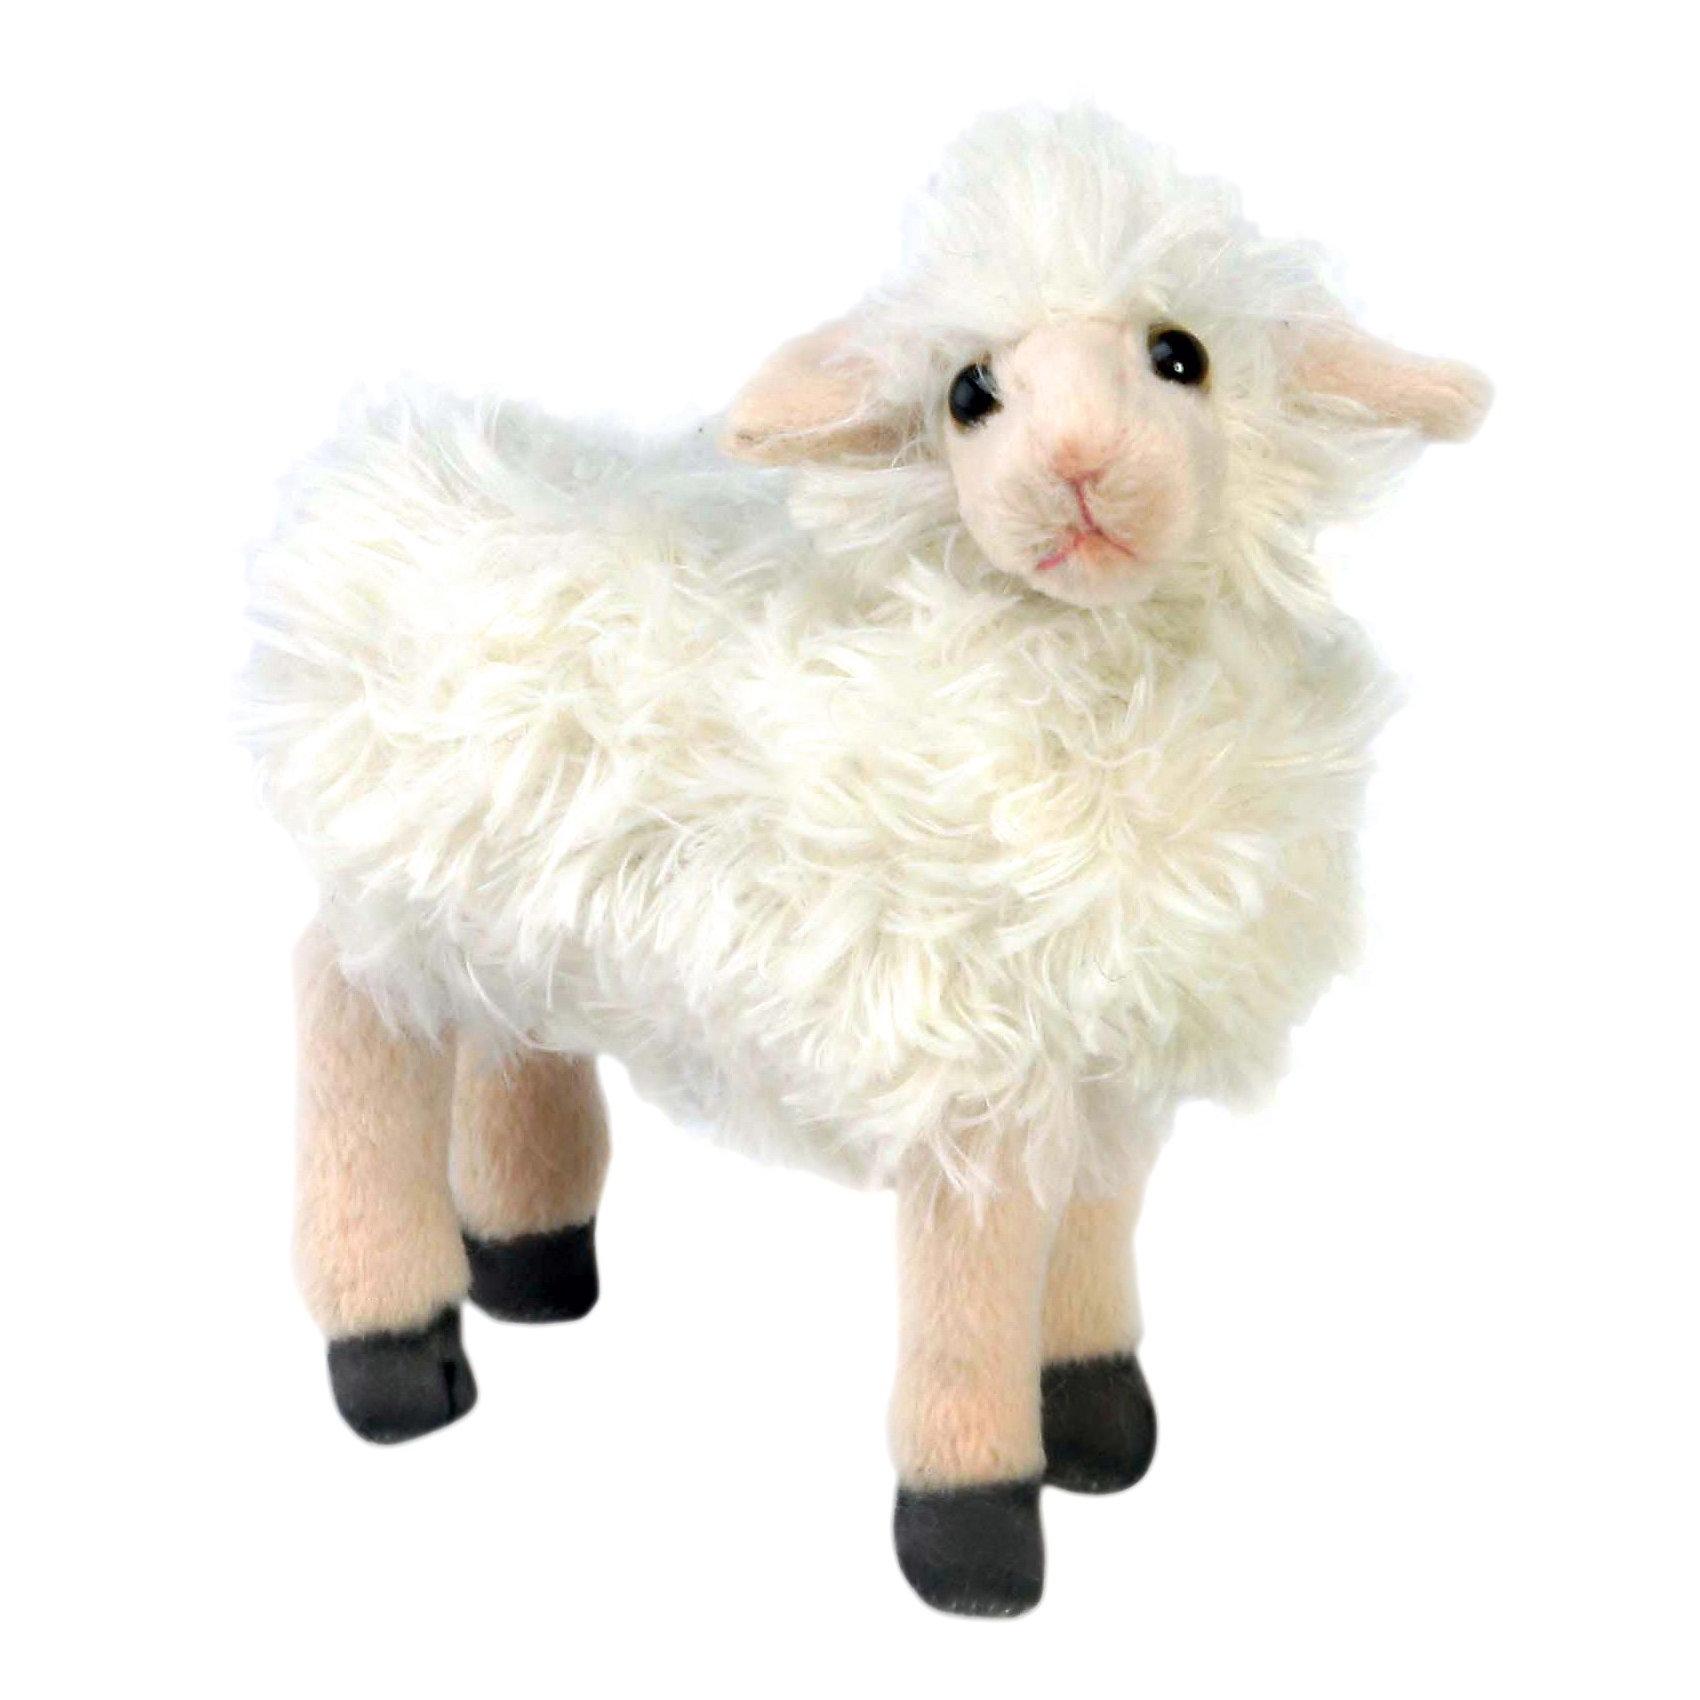 Овечка белая, 17 см,  HansaСимпатичная пушистая овечка 17 см от Hansa (Ханса) с милейшей мордашкой и тоненькими ножками станет настоящим другом для Вашего малыша! Зверушка настолько обаятельная, что не оставит равнодушным никого. Игрушка сделана из приятного на ощупь меха, ее приятно гладить и обнимать. Внутри неё находится гипоаллергенный наполнитель, поэтому овечку можно брать в кроватку. Деревенский житель принесет в Ваш дом много радости и счастья. Мягкая игрушка Овечка белая от  Hansa (Ханса)  настолько похожа на оригинал, что ее можно было бы спутать с настоящим животным, если б не разница в размерах. Игрушка сшита вручную из искусственного меха, текстиля и иных материалов высокого качества. Также она оснащена проволочным каркасом, позволяющим придавать зверушке различные позы и устойчиво стоять. Изготавливается игрушка из искусственного меха, специально обработанного для придания схожести с мехом конкретного вида животного. <br><br>Дополнительная информация:<br><br>- Высота: 17 см;<br>- Материал: искусственный мех, металл;<br>- Размер упаковки: 18 х 8 х 17 см;<br>- Вес с упаковкой: 480 г.<br><br>Овечку белую, 17 см,  Hansa (Ханса) можно купить в нашем интернет-магазине.<br><br>Ширина мм: 180<br>Глубина мм: 80<br>Высота мм: 170<br>Вес г: 480<br>Возраст от месяцев: 96<br>Возраст до месяцев: 204<br>Пол: Унисекс<br>Возраст: Детский<br>SKU: 3563693